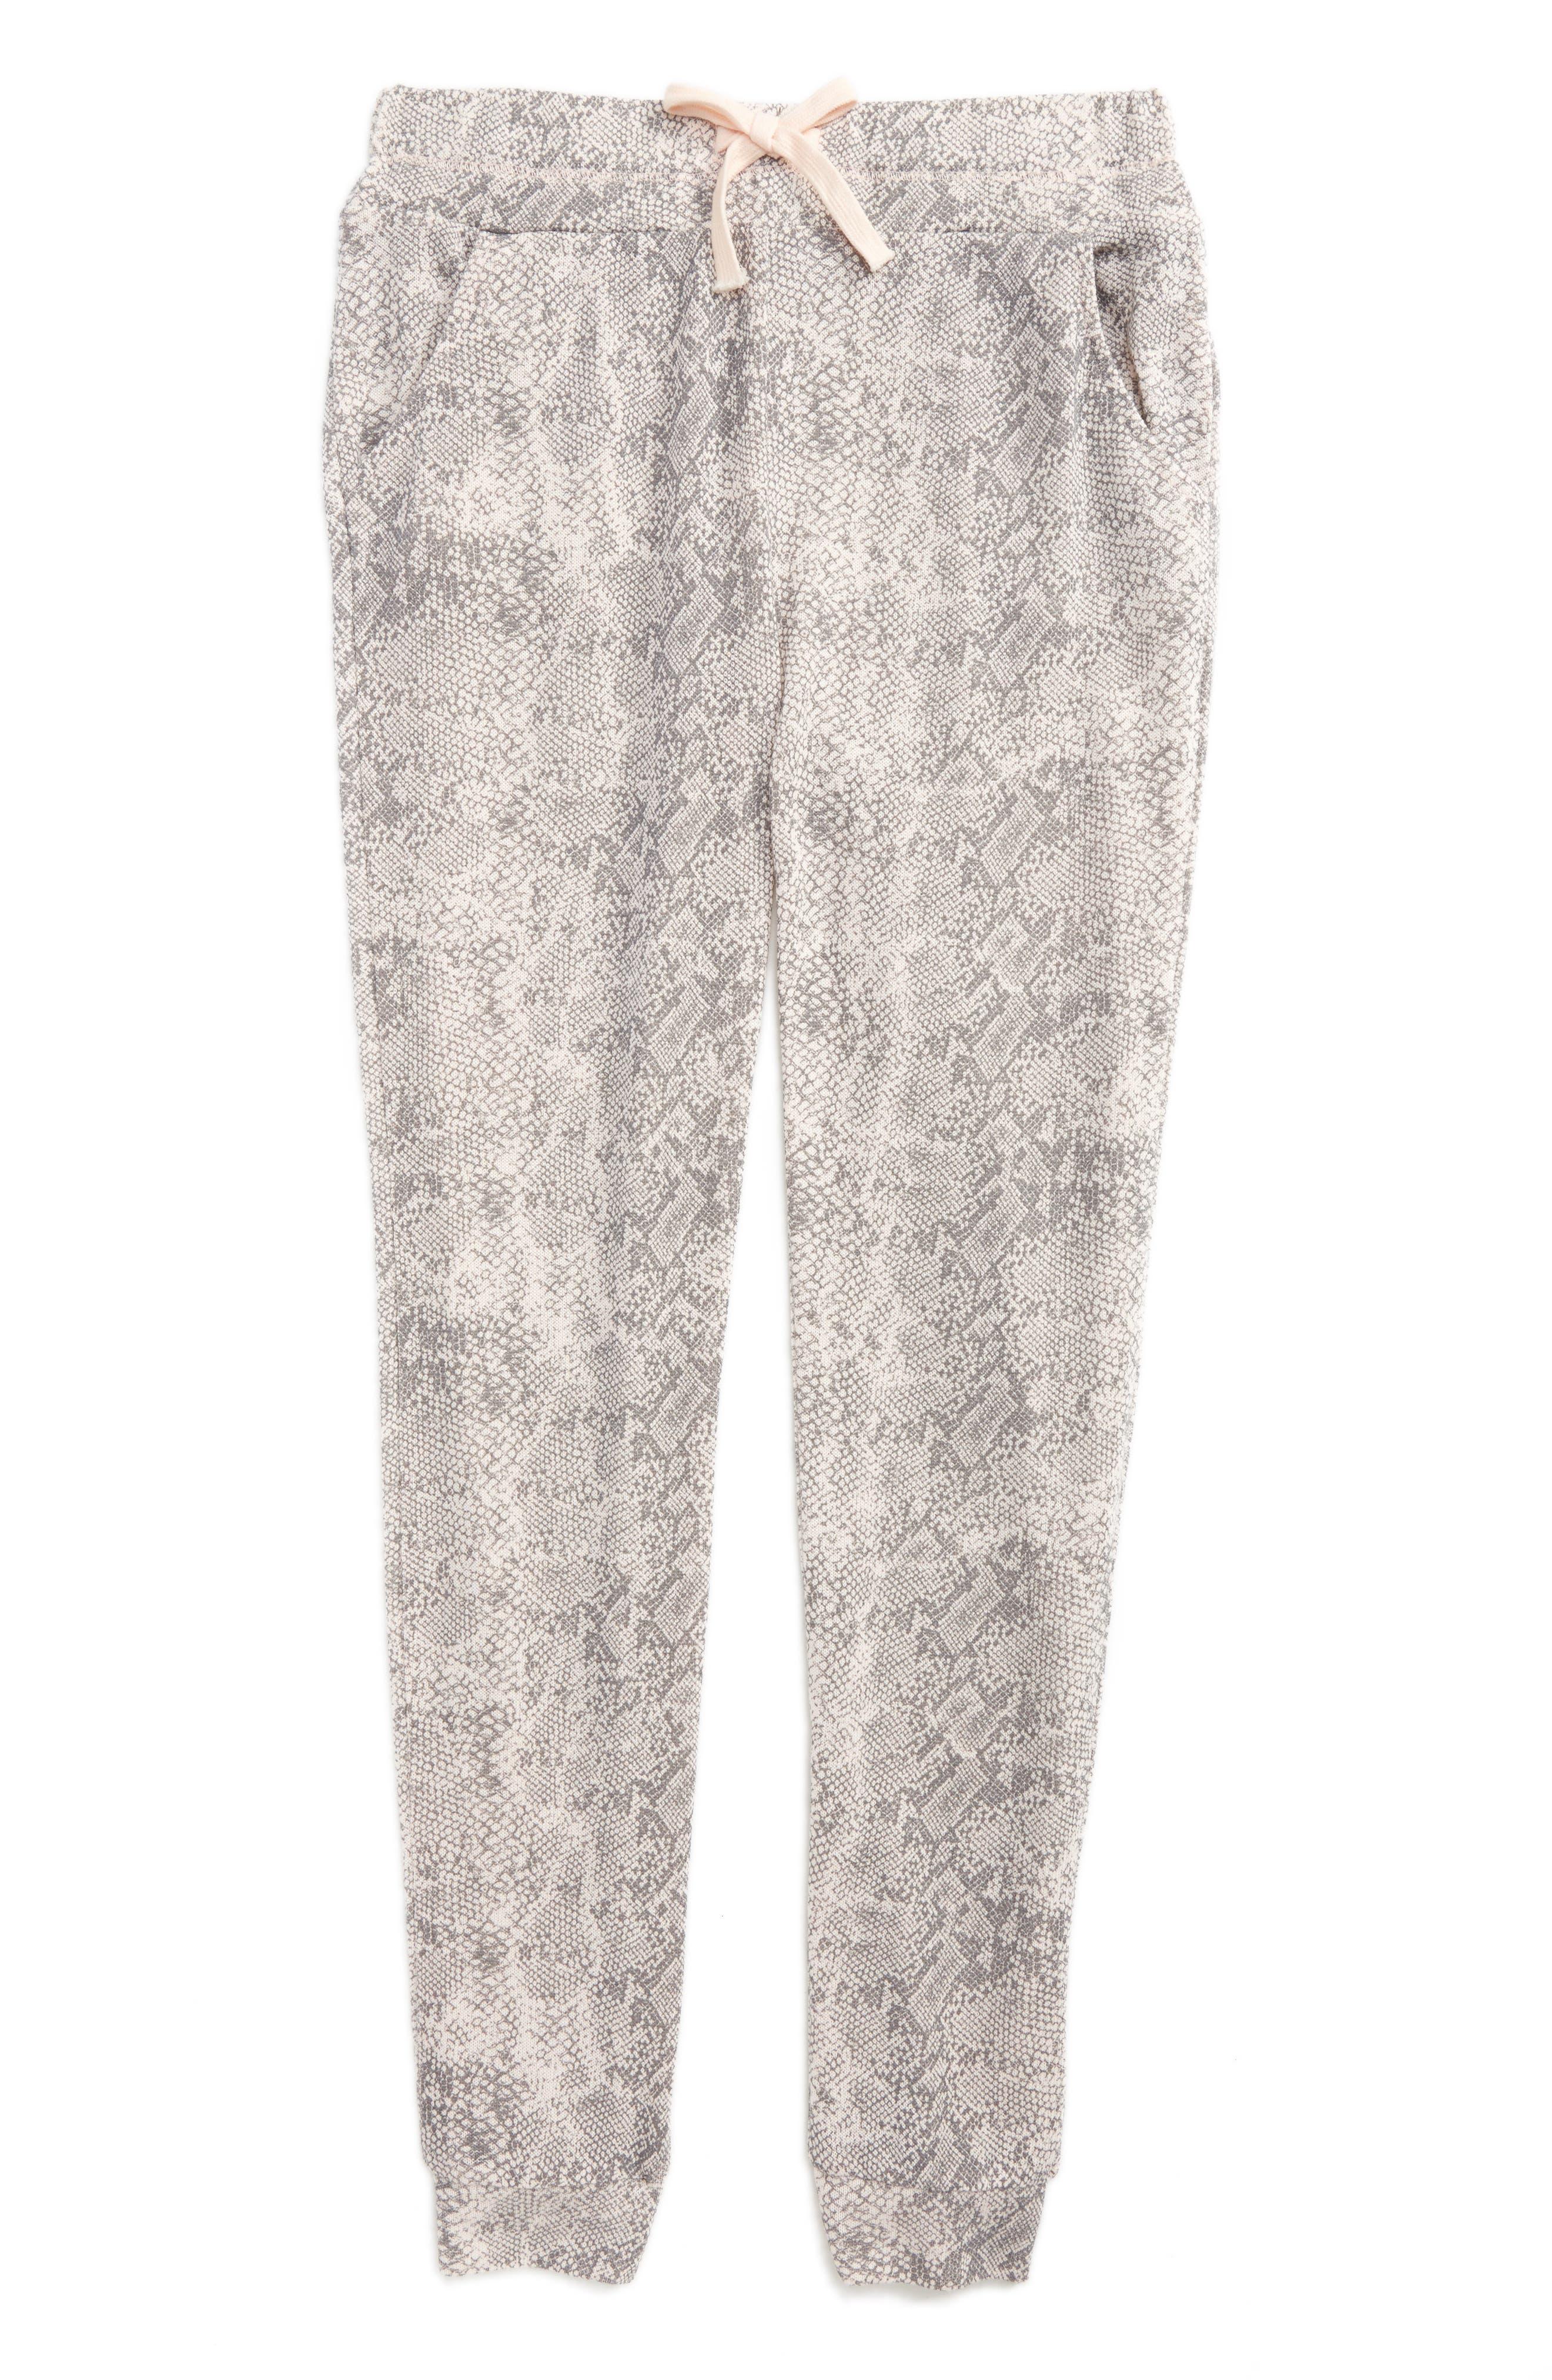 Python Print Knit Jogger Pants,                             Main thumbnail 1, color,